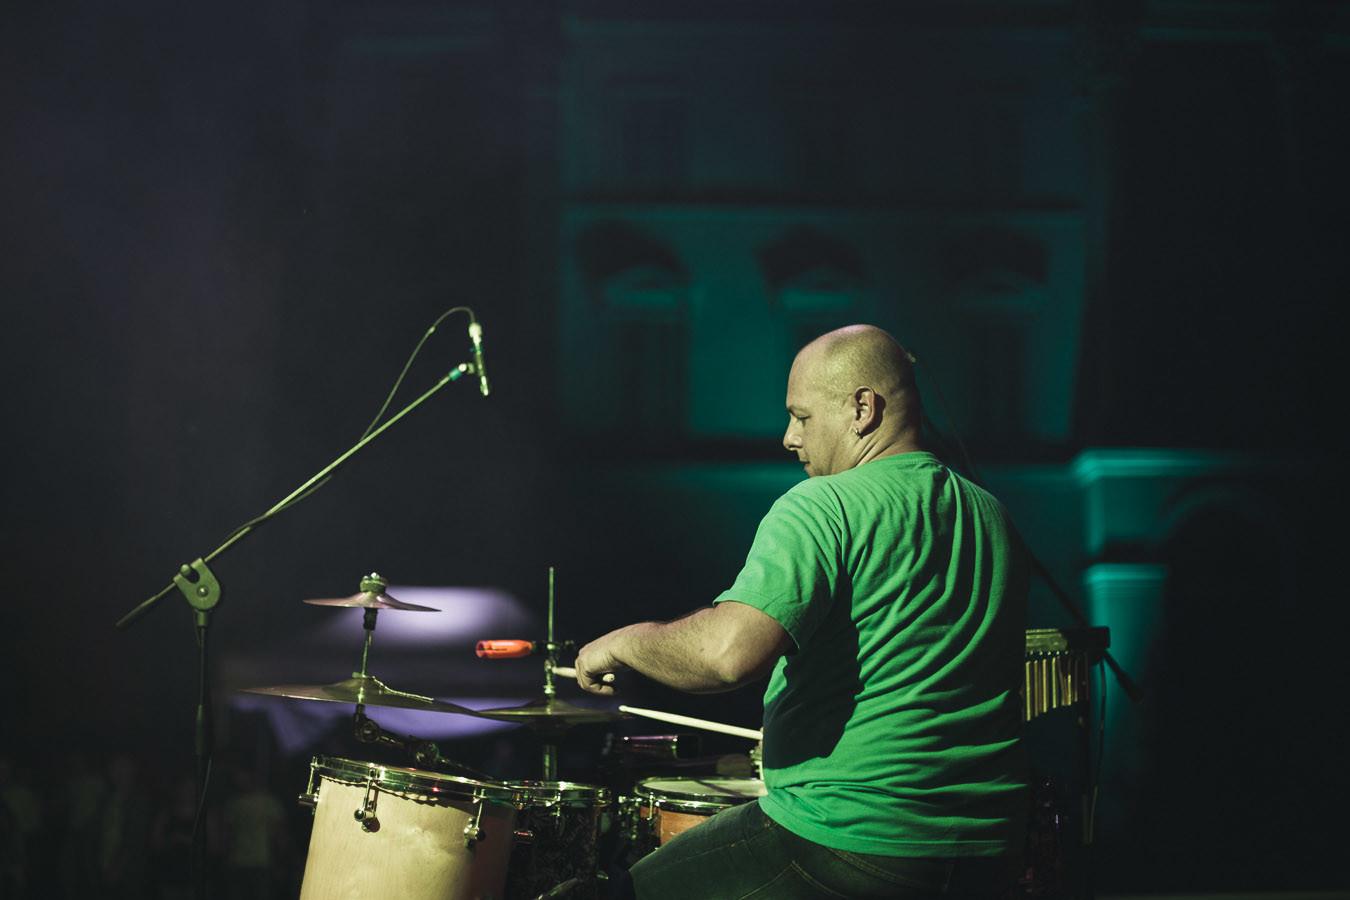 fotografo_eventi_concerti_festival_desio_tittoni_foto_marco_reggi_094